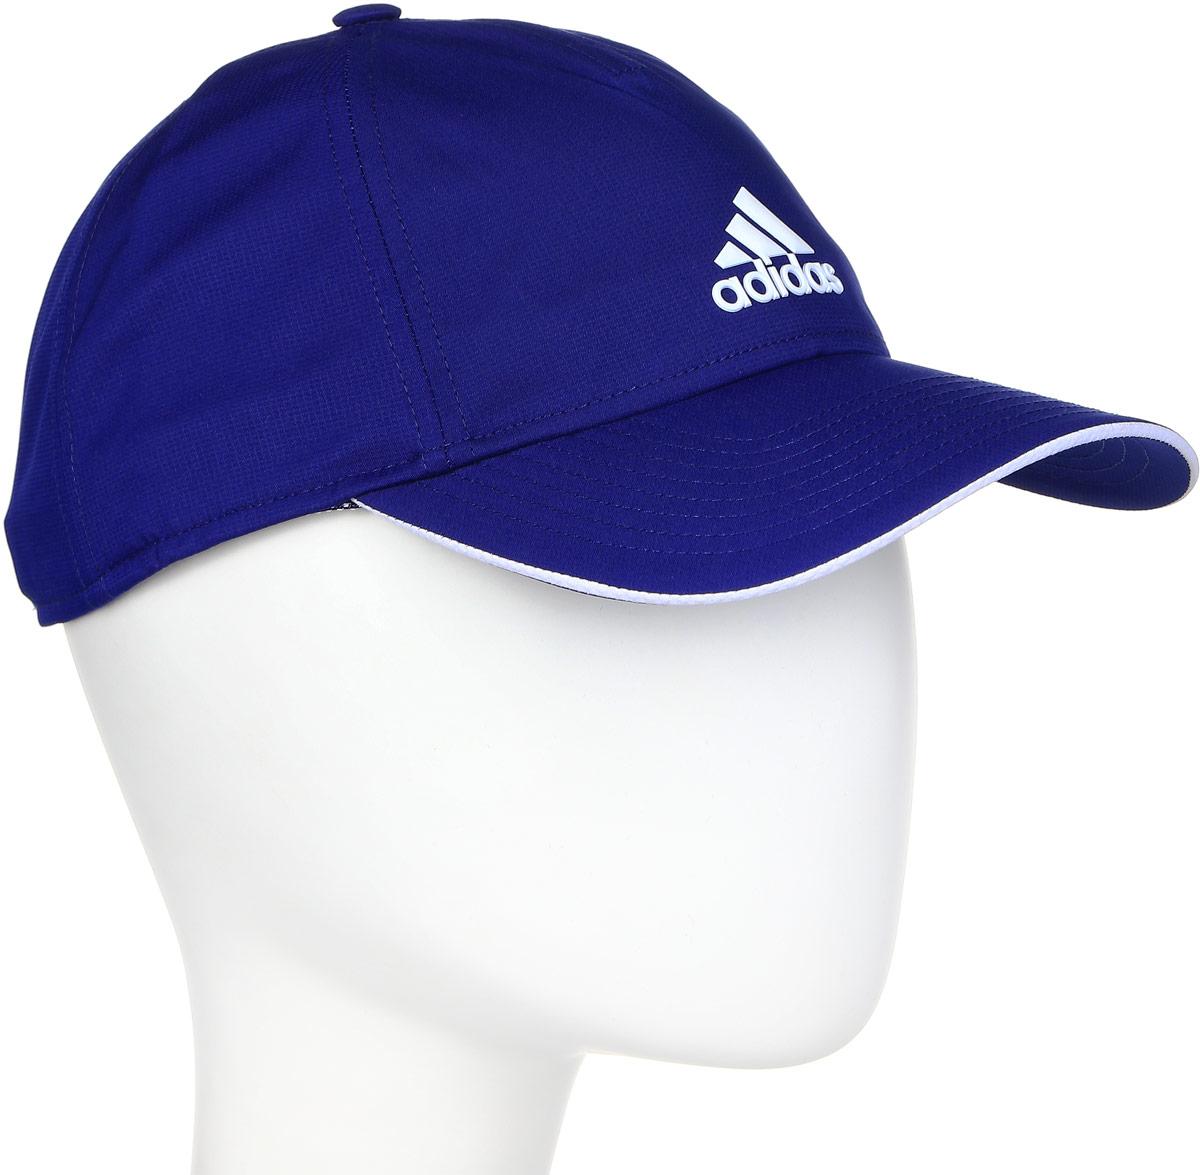 Бейсболка Adidas 5pcl Clmlt Cap, цвет: синий. BR6708. Размер 56/57BR6708Стильная бейсболка Adidas выполнена из полиэстера и дополнена широким изогнутым козырьком.Изделие оформлено спереди названием бренда. Объем бейсболки регулируется с помощью эластичного ремешка с фиксатором.